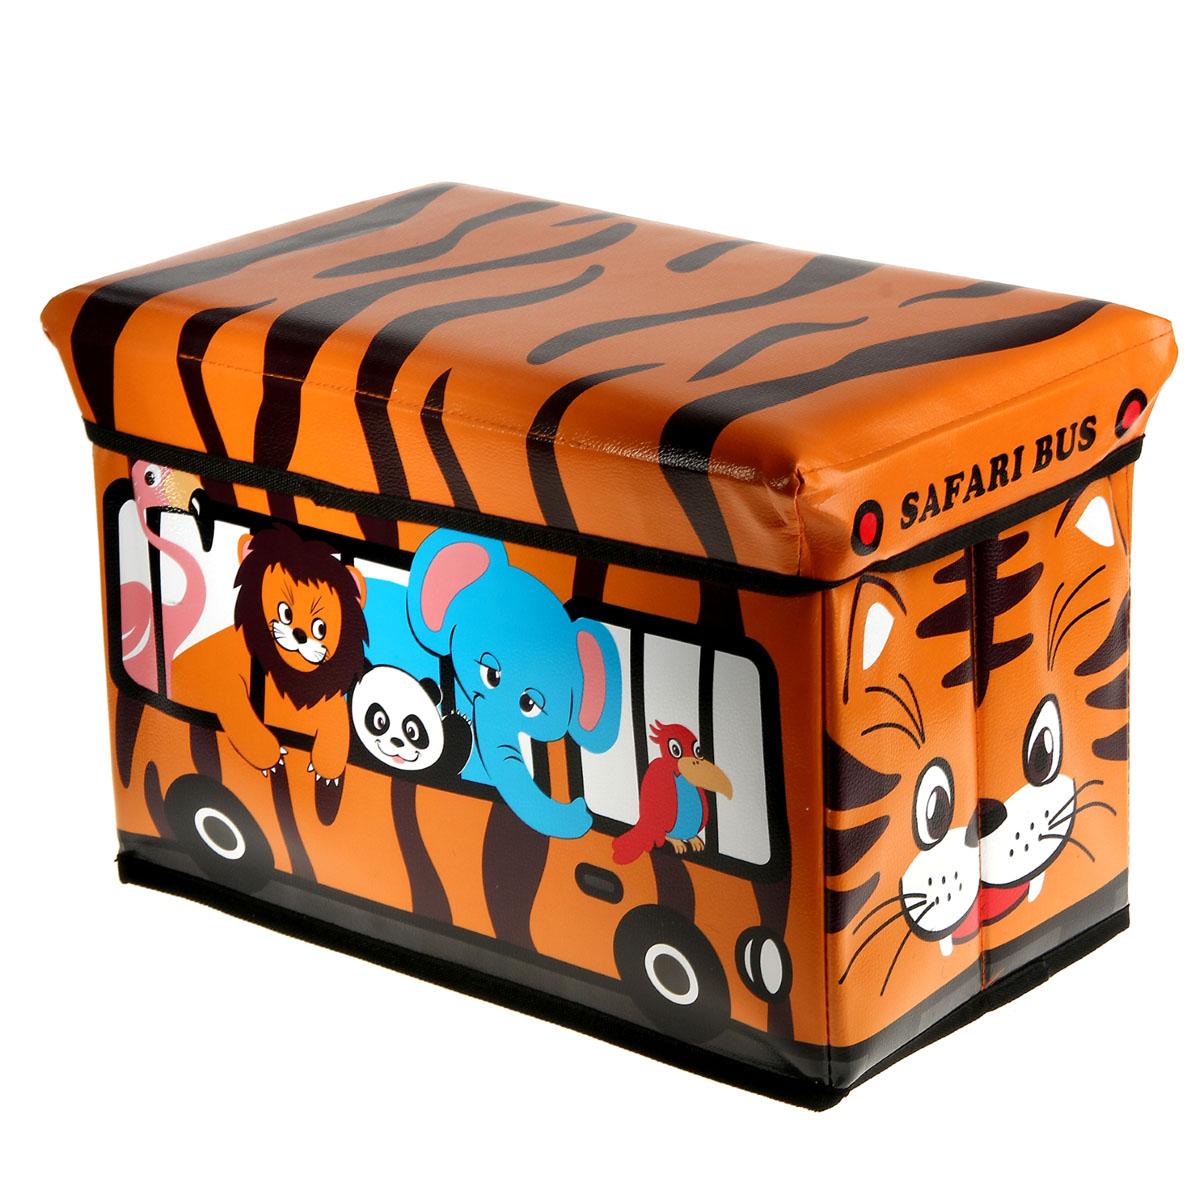 Коробка для хранения Sima-land Полосатый рейс, цвет: оранжевый, 40 см х 25 см х 25 см847057Коробка для хранения Sima-land Полосатый рейс изготовлена из искусственной кожи и картона. Коробка имеет съемную, мягкую крышку. Материал коробки позволяет сохранять естественную вентиляцию, а воздуху свободно проникать внутрь, не пропуская пыль. Благодаря специальным вставкам, коробка прекрасно держит форму, что позволяет ее использовать как дополнительное посадочное место для ребенка. Эстетичный дизайн коробки понравиться вашему ребенку. Компактные габариты коробки не загромождают помещение. Коробку можно хранить в обычном шкафу. Внутренняя емкость позволяет хранить внутри игрушки, книжки и прочие предметы. Мобильность конструкции обеспечивает складывание и раскладывание одним движением. Коробка Sima-land Полосатый рейс поможет хранить игрушки все в одном месте, а также защитить их от пыли, грязи и влаги. Размер коробки: 40 см х 25 см х 25 см.